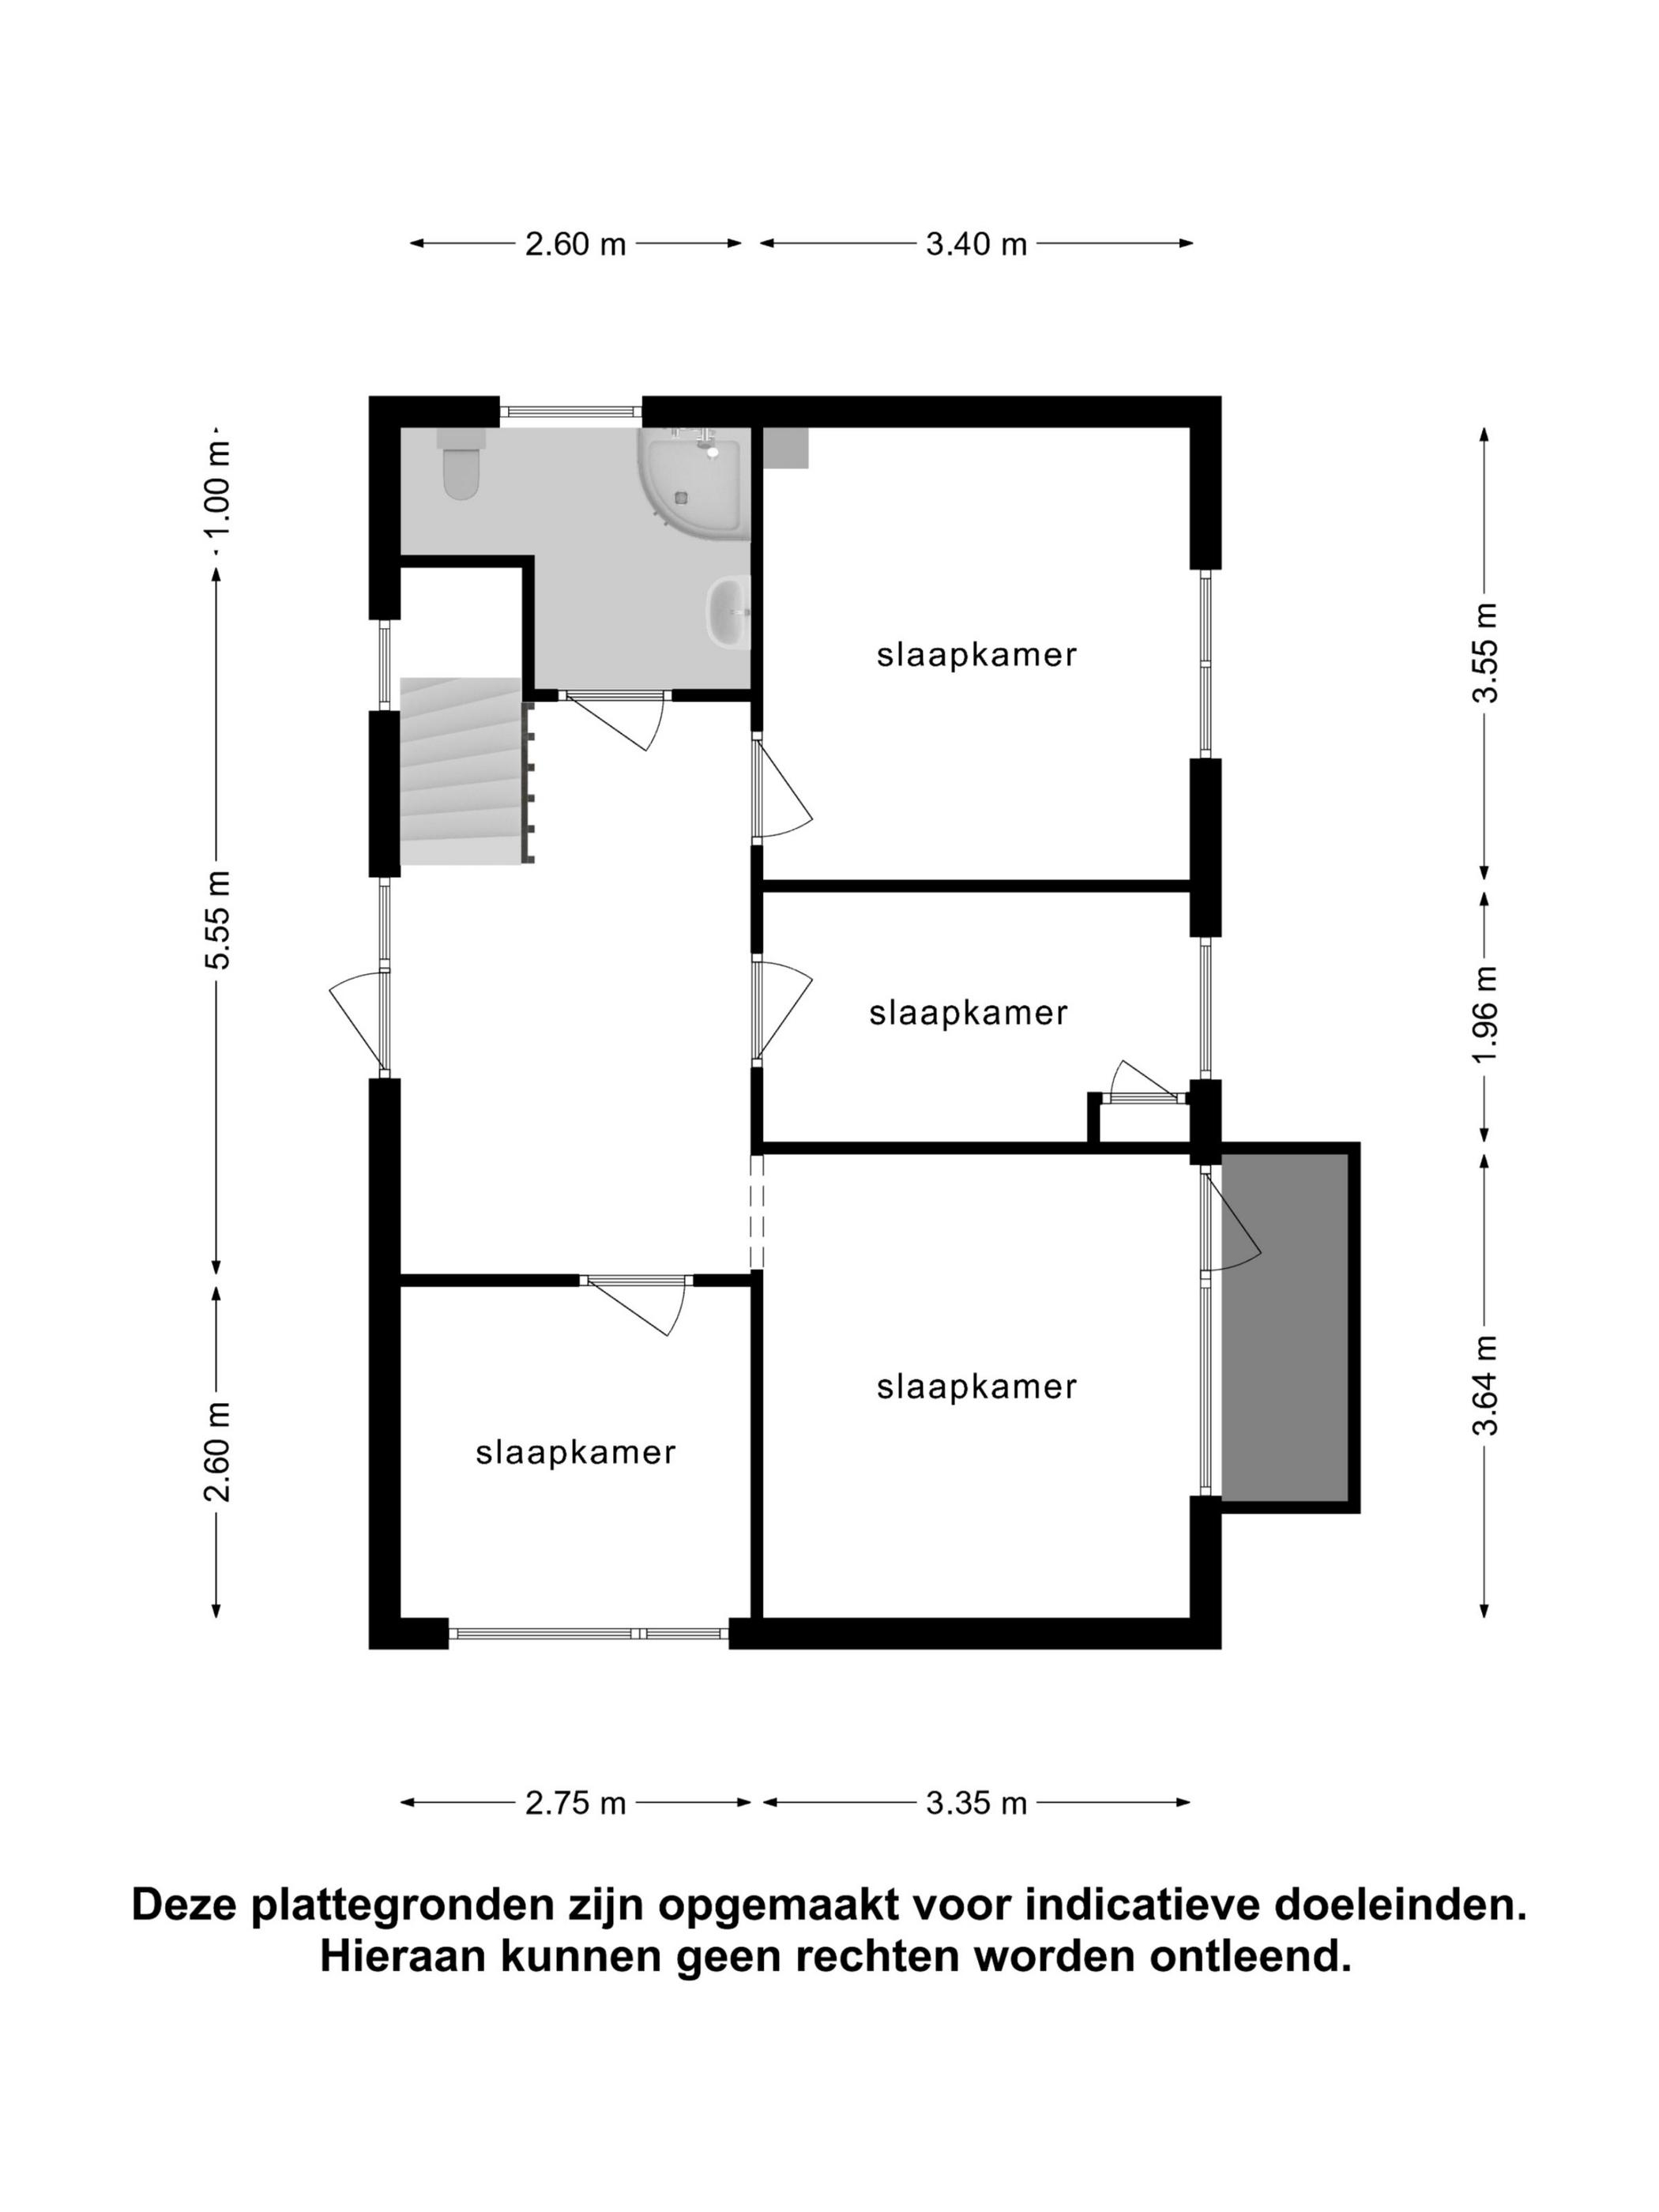 leechein-17-akkrum-plattegrond-68